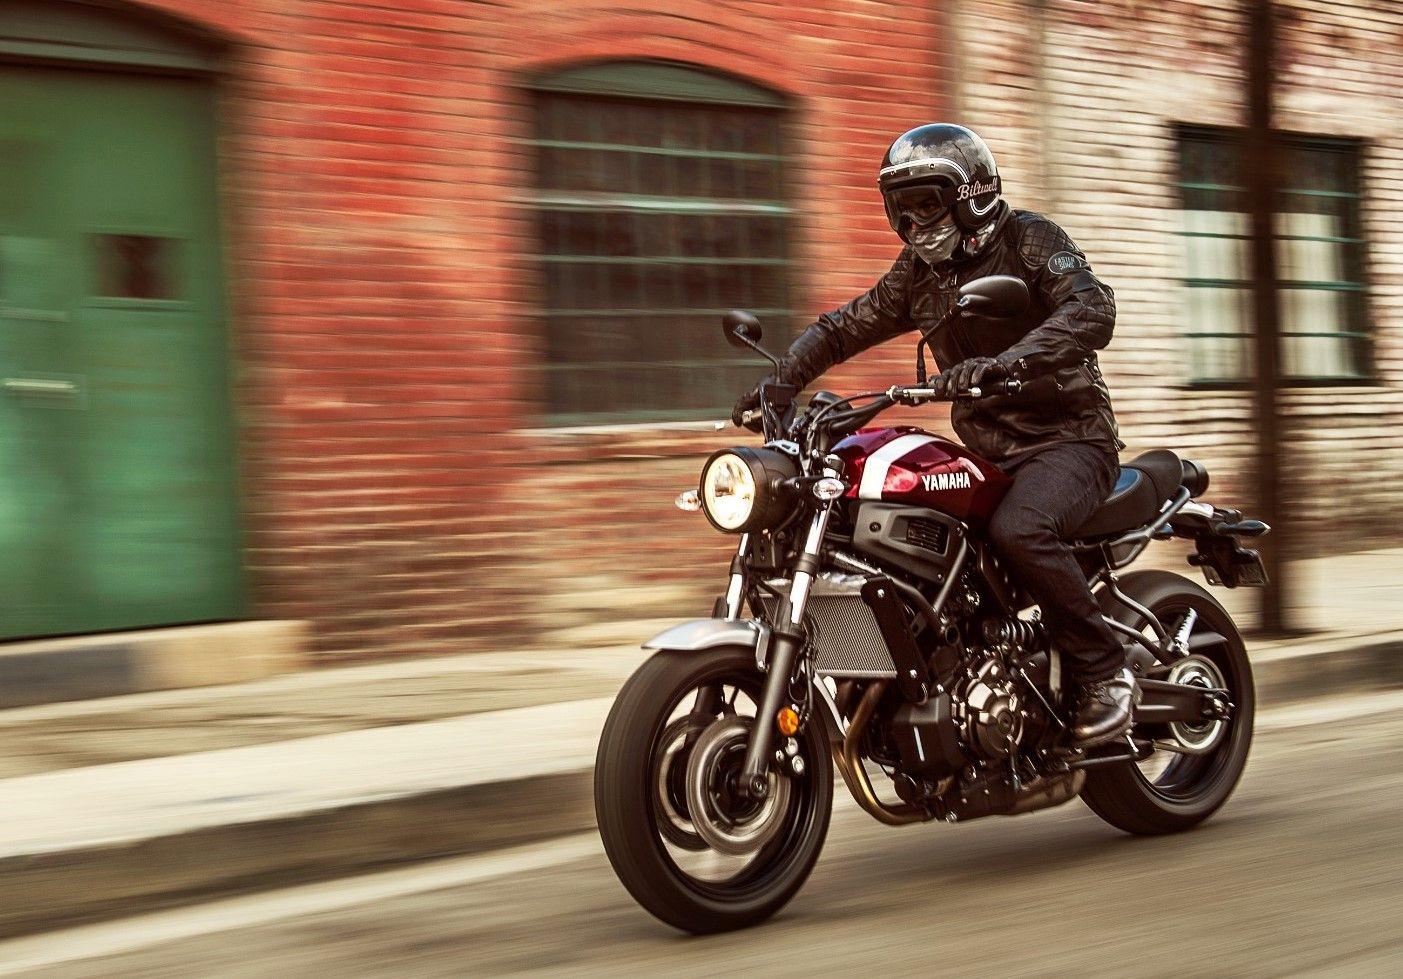 2018YamahaXSR700 カスタムバイク, ヘルメット, バイク